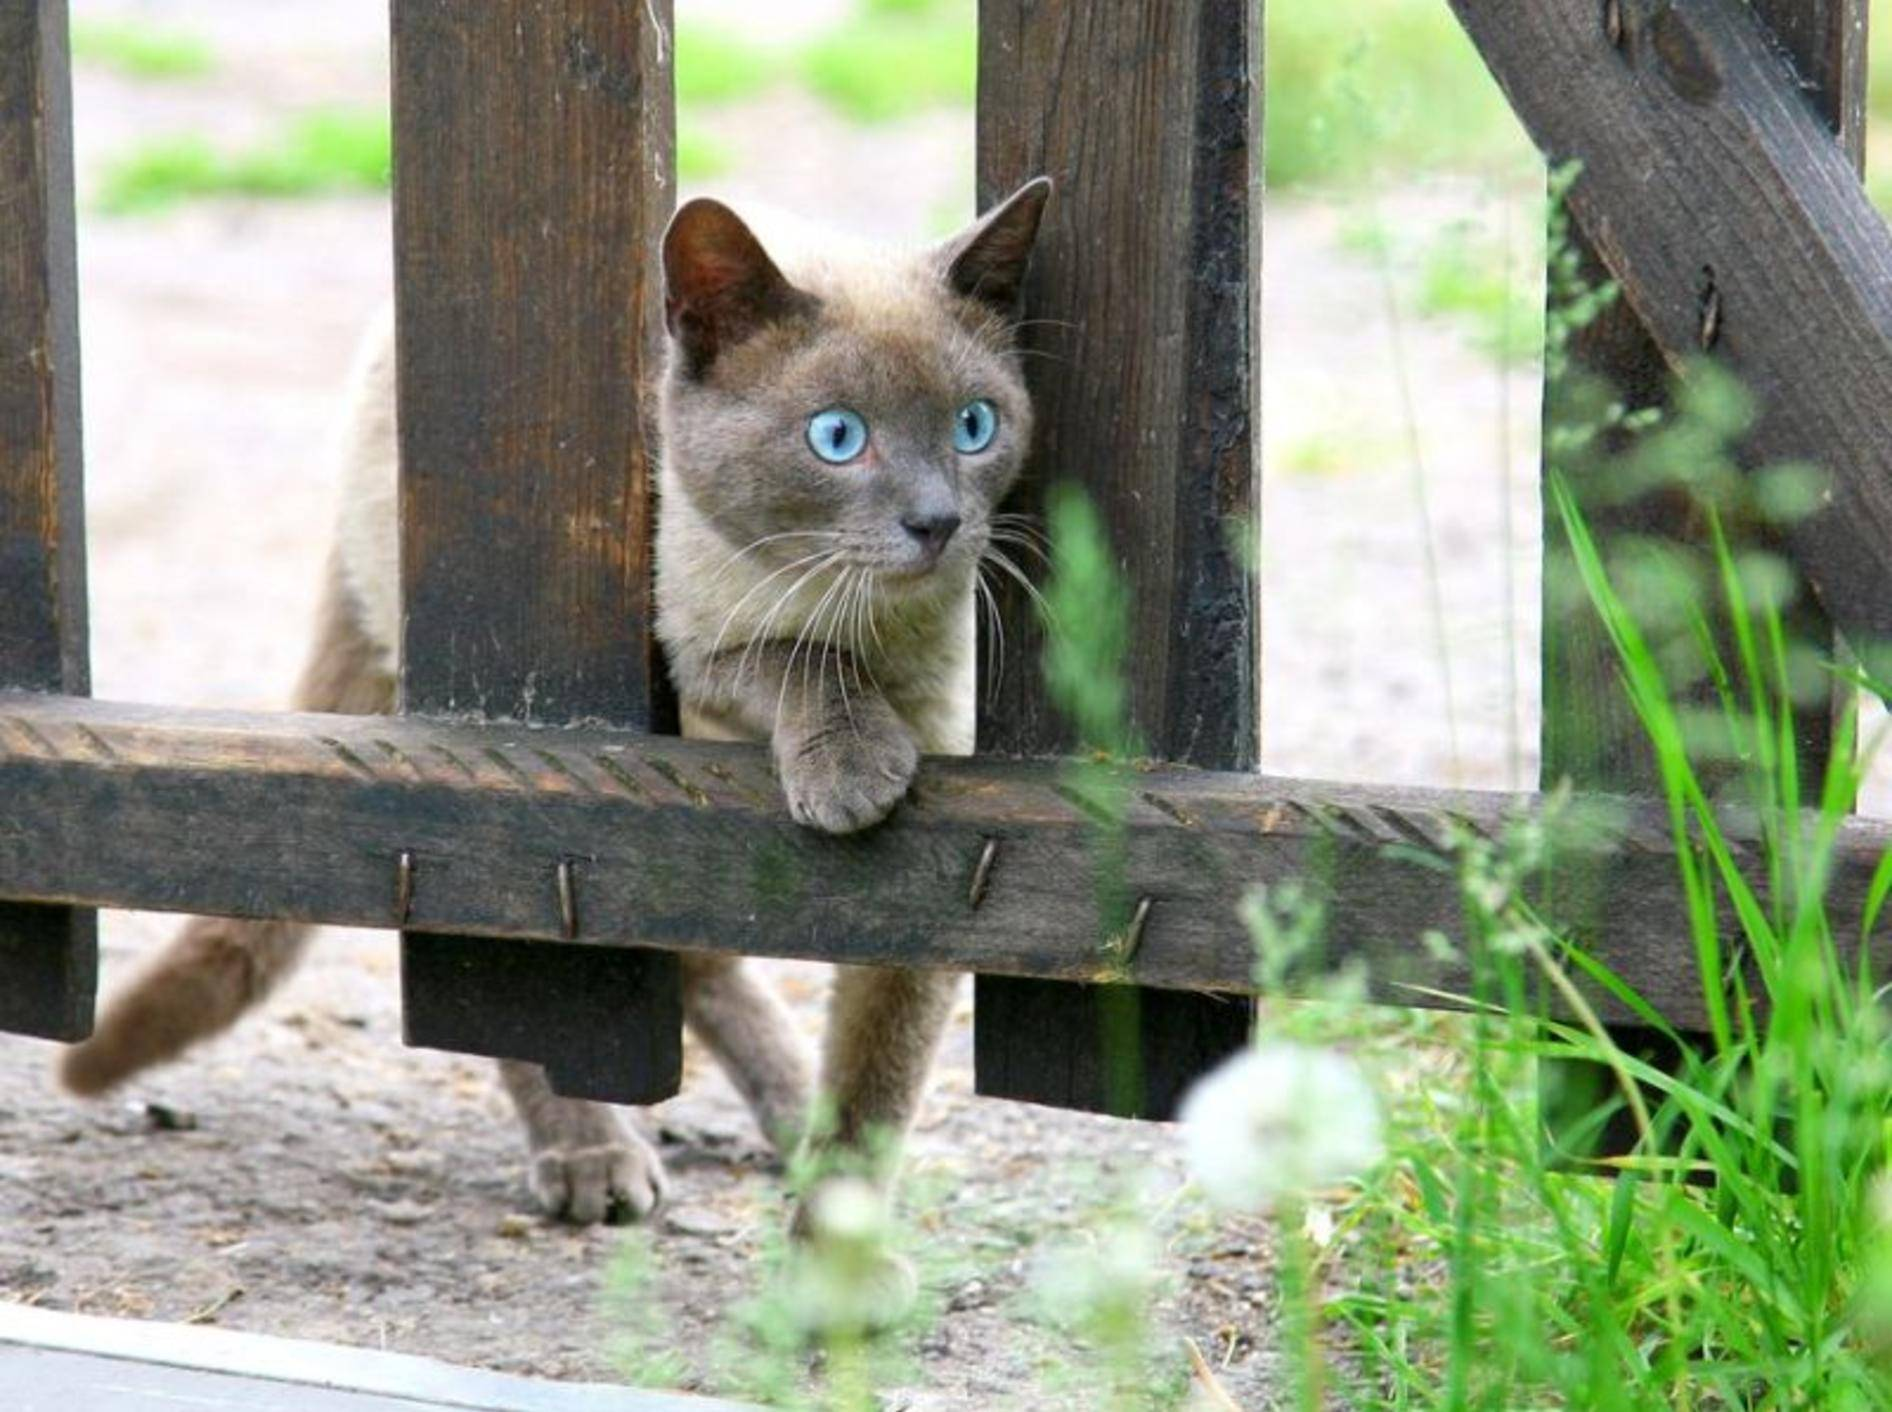 """Platz 5: """"Findus"""" hat es unter die beliebtesten Katzennamen geschafft – Bild: Shutterstock / LeniKovaleva"""